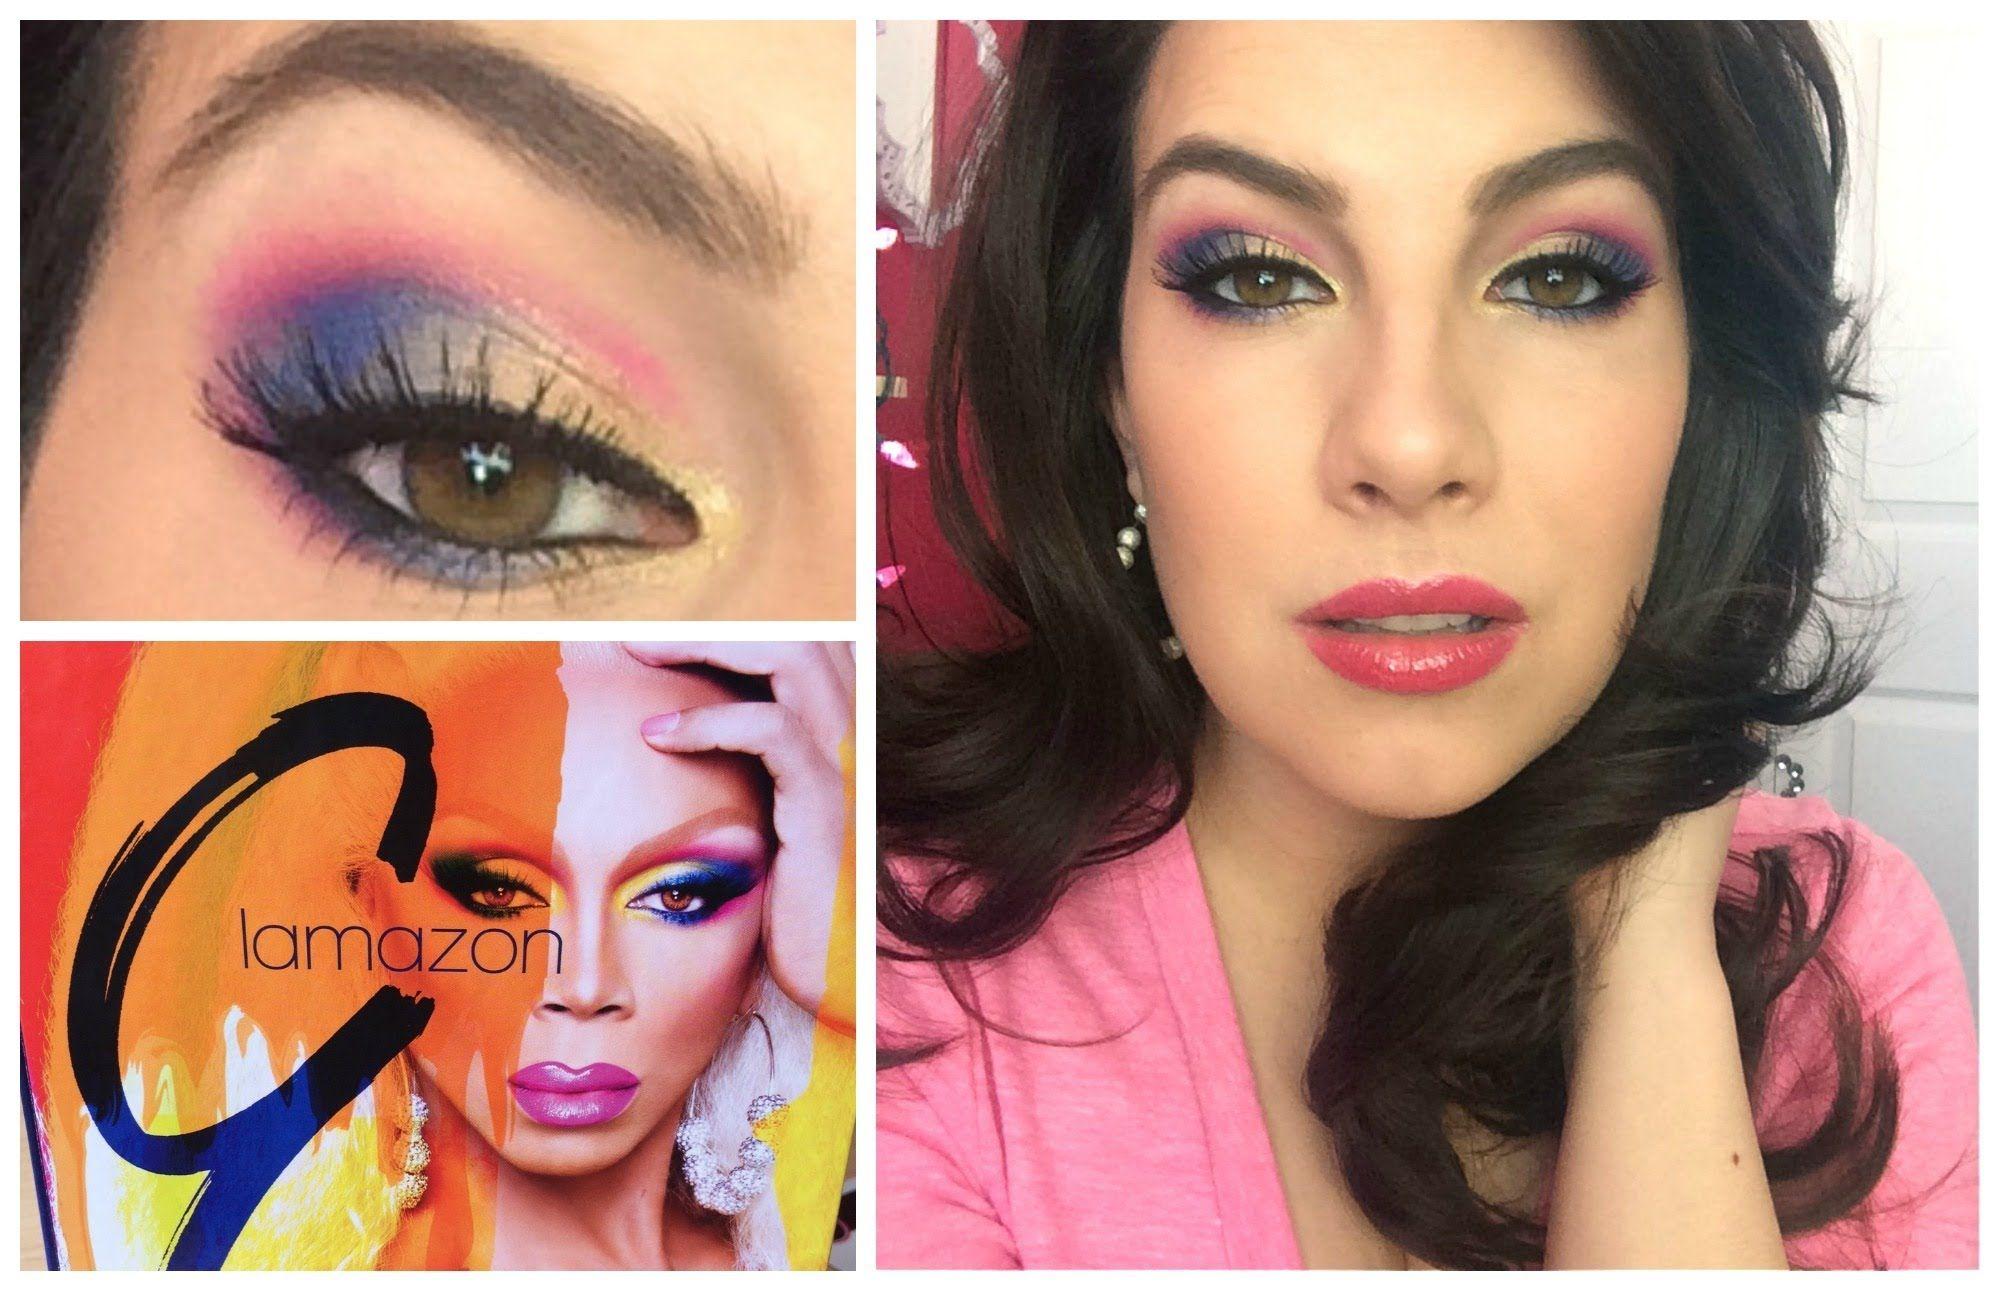 Rupaul Glamazon Kit Review Tutorial Makeup Tutorial Video Makeup Tips Makeup Reviews